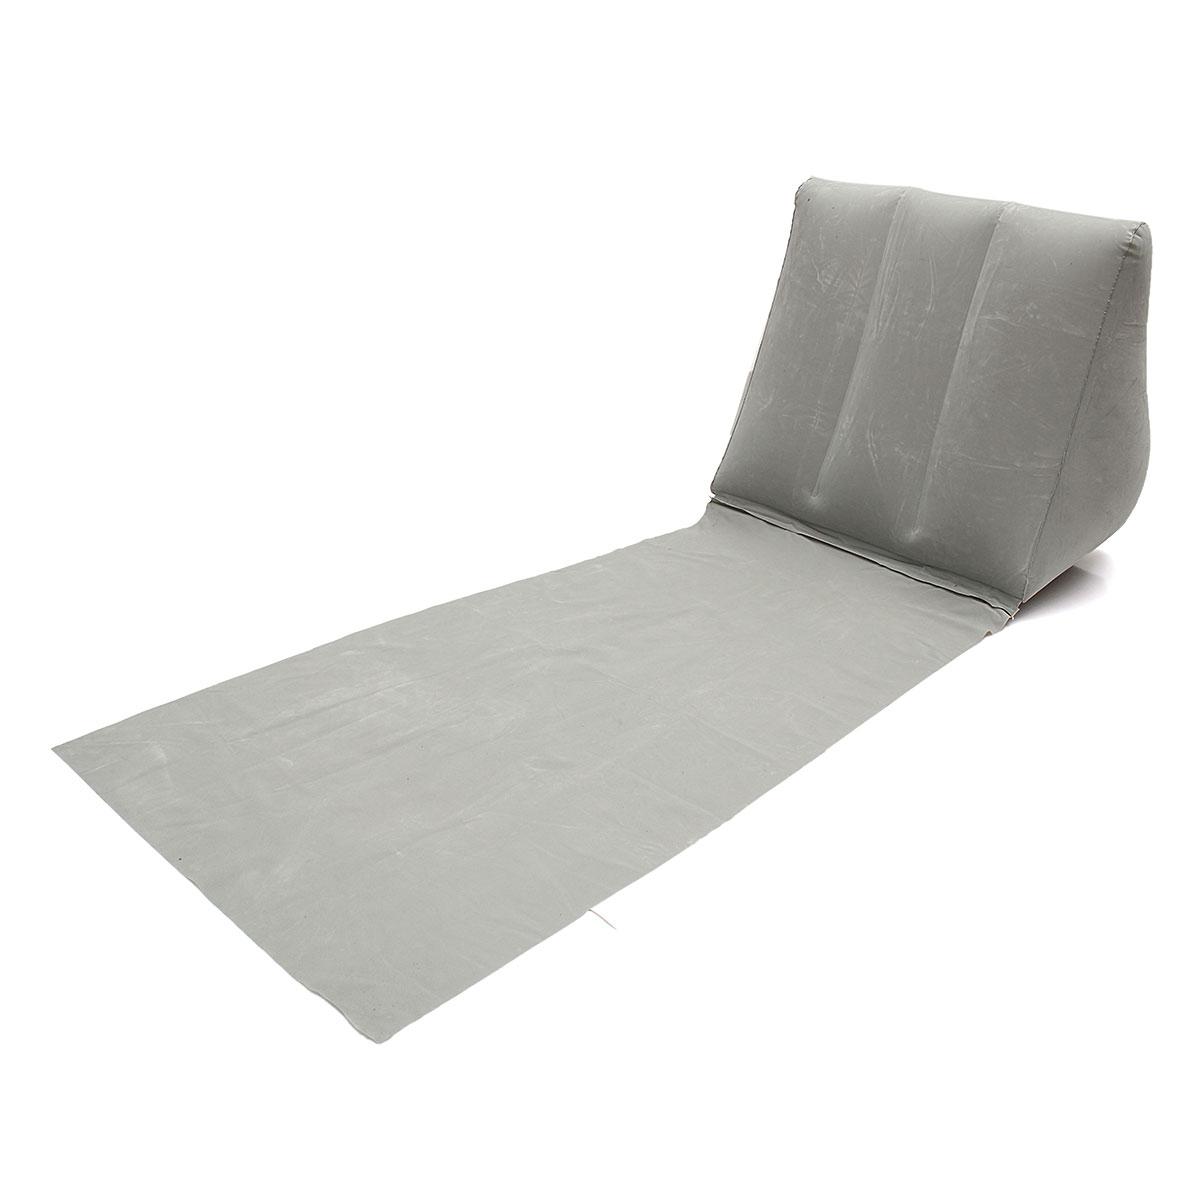 Chaise lit matelas promotion achetez des chaise lit for Chaise gonflable